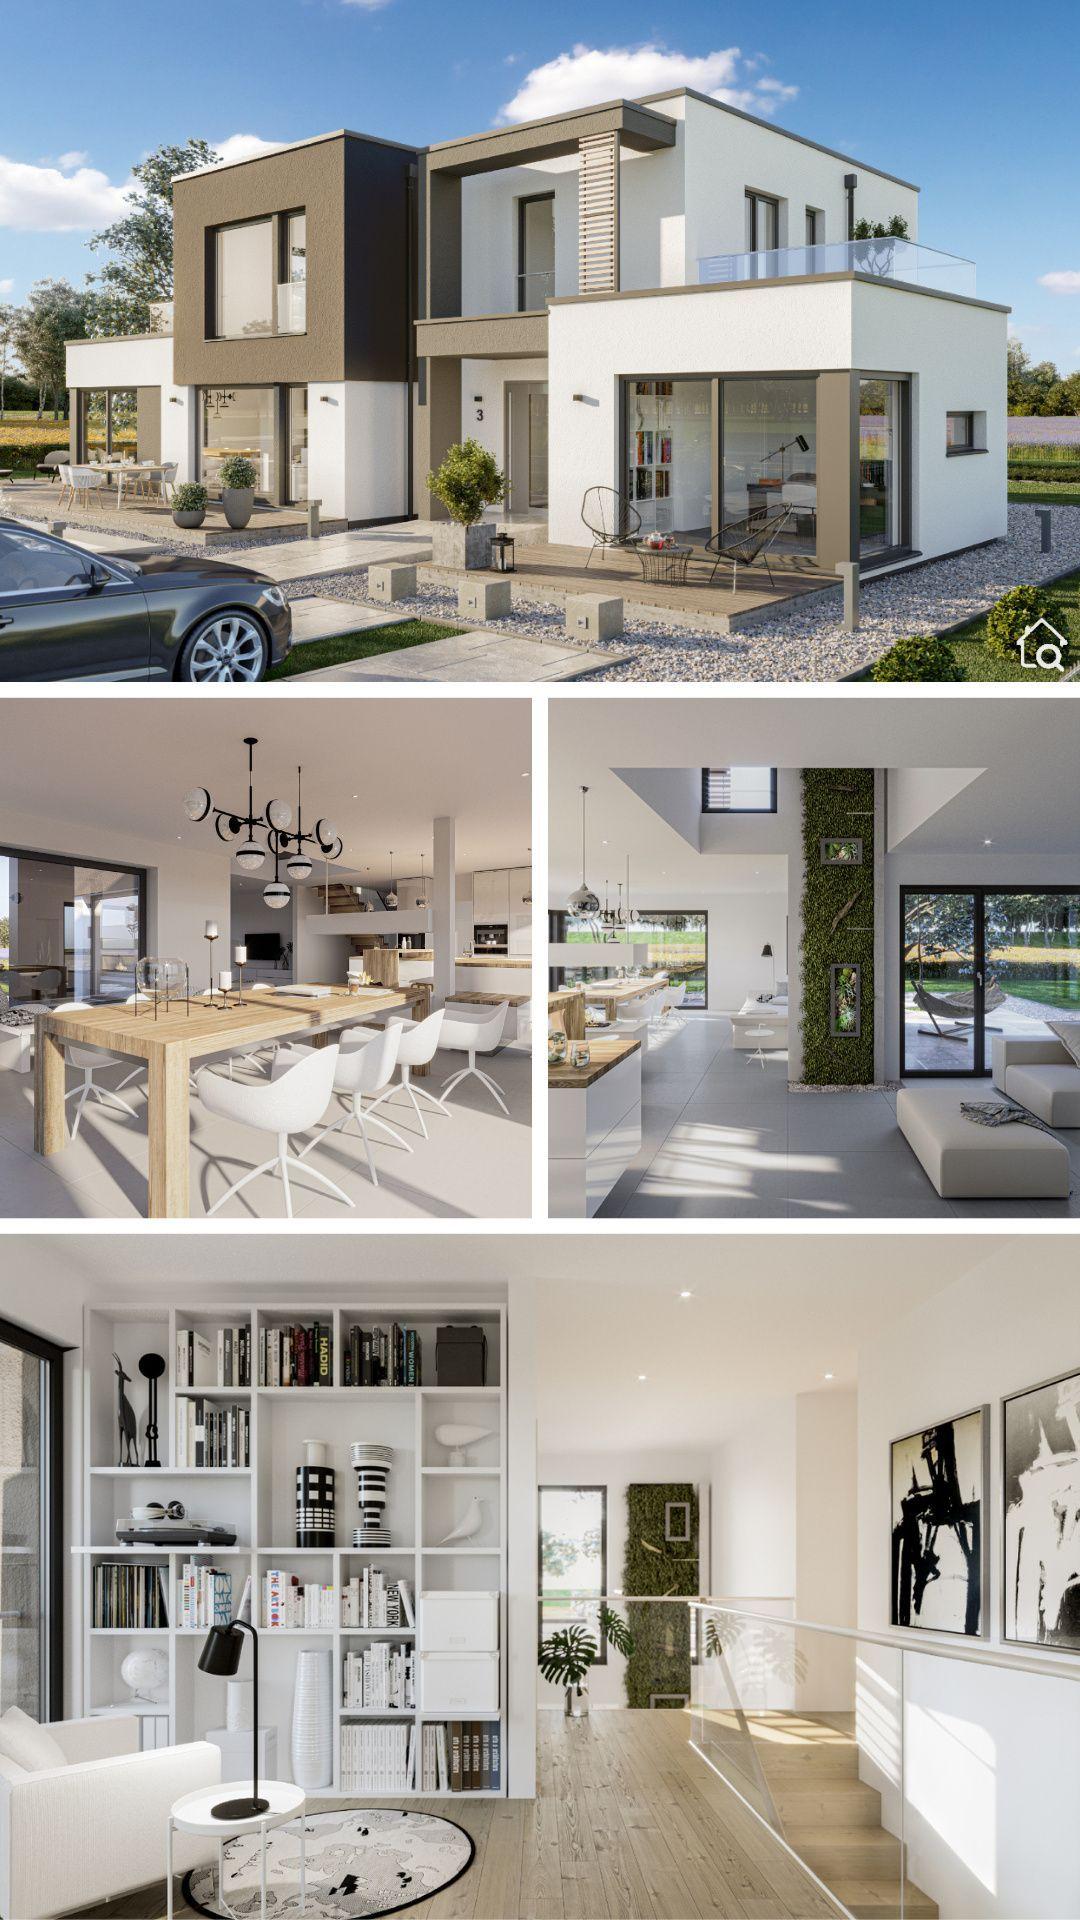 Exclusive Modernes Designhaus mit Flachdach Architektur, Haus Design Ideen ...